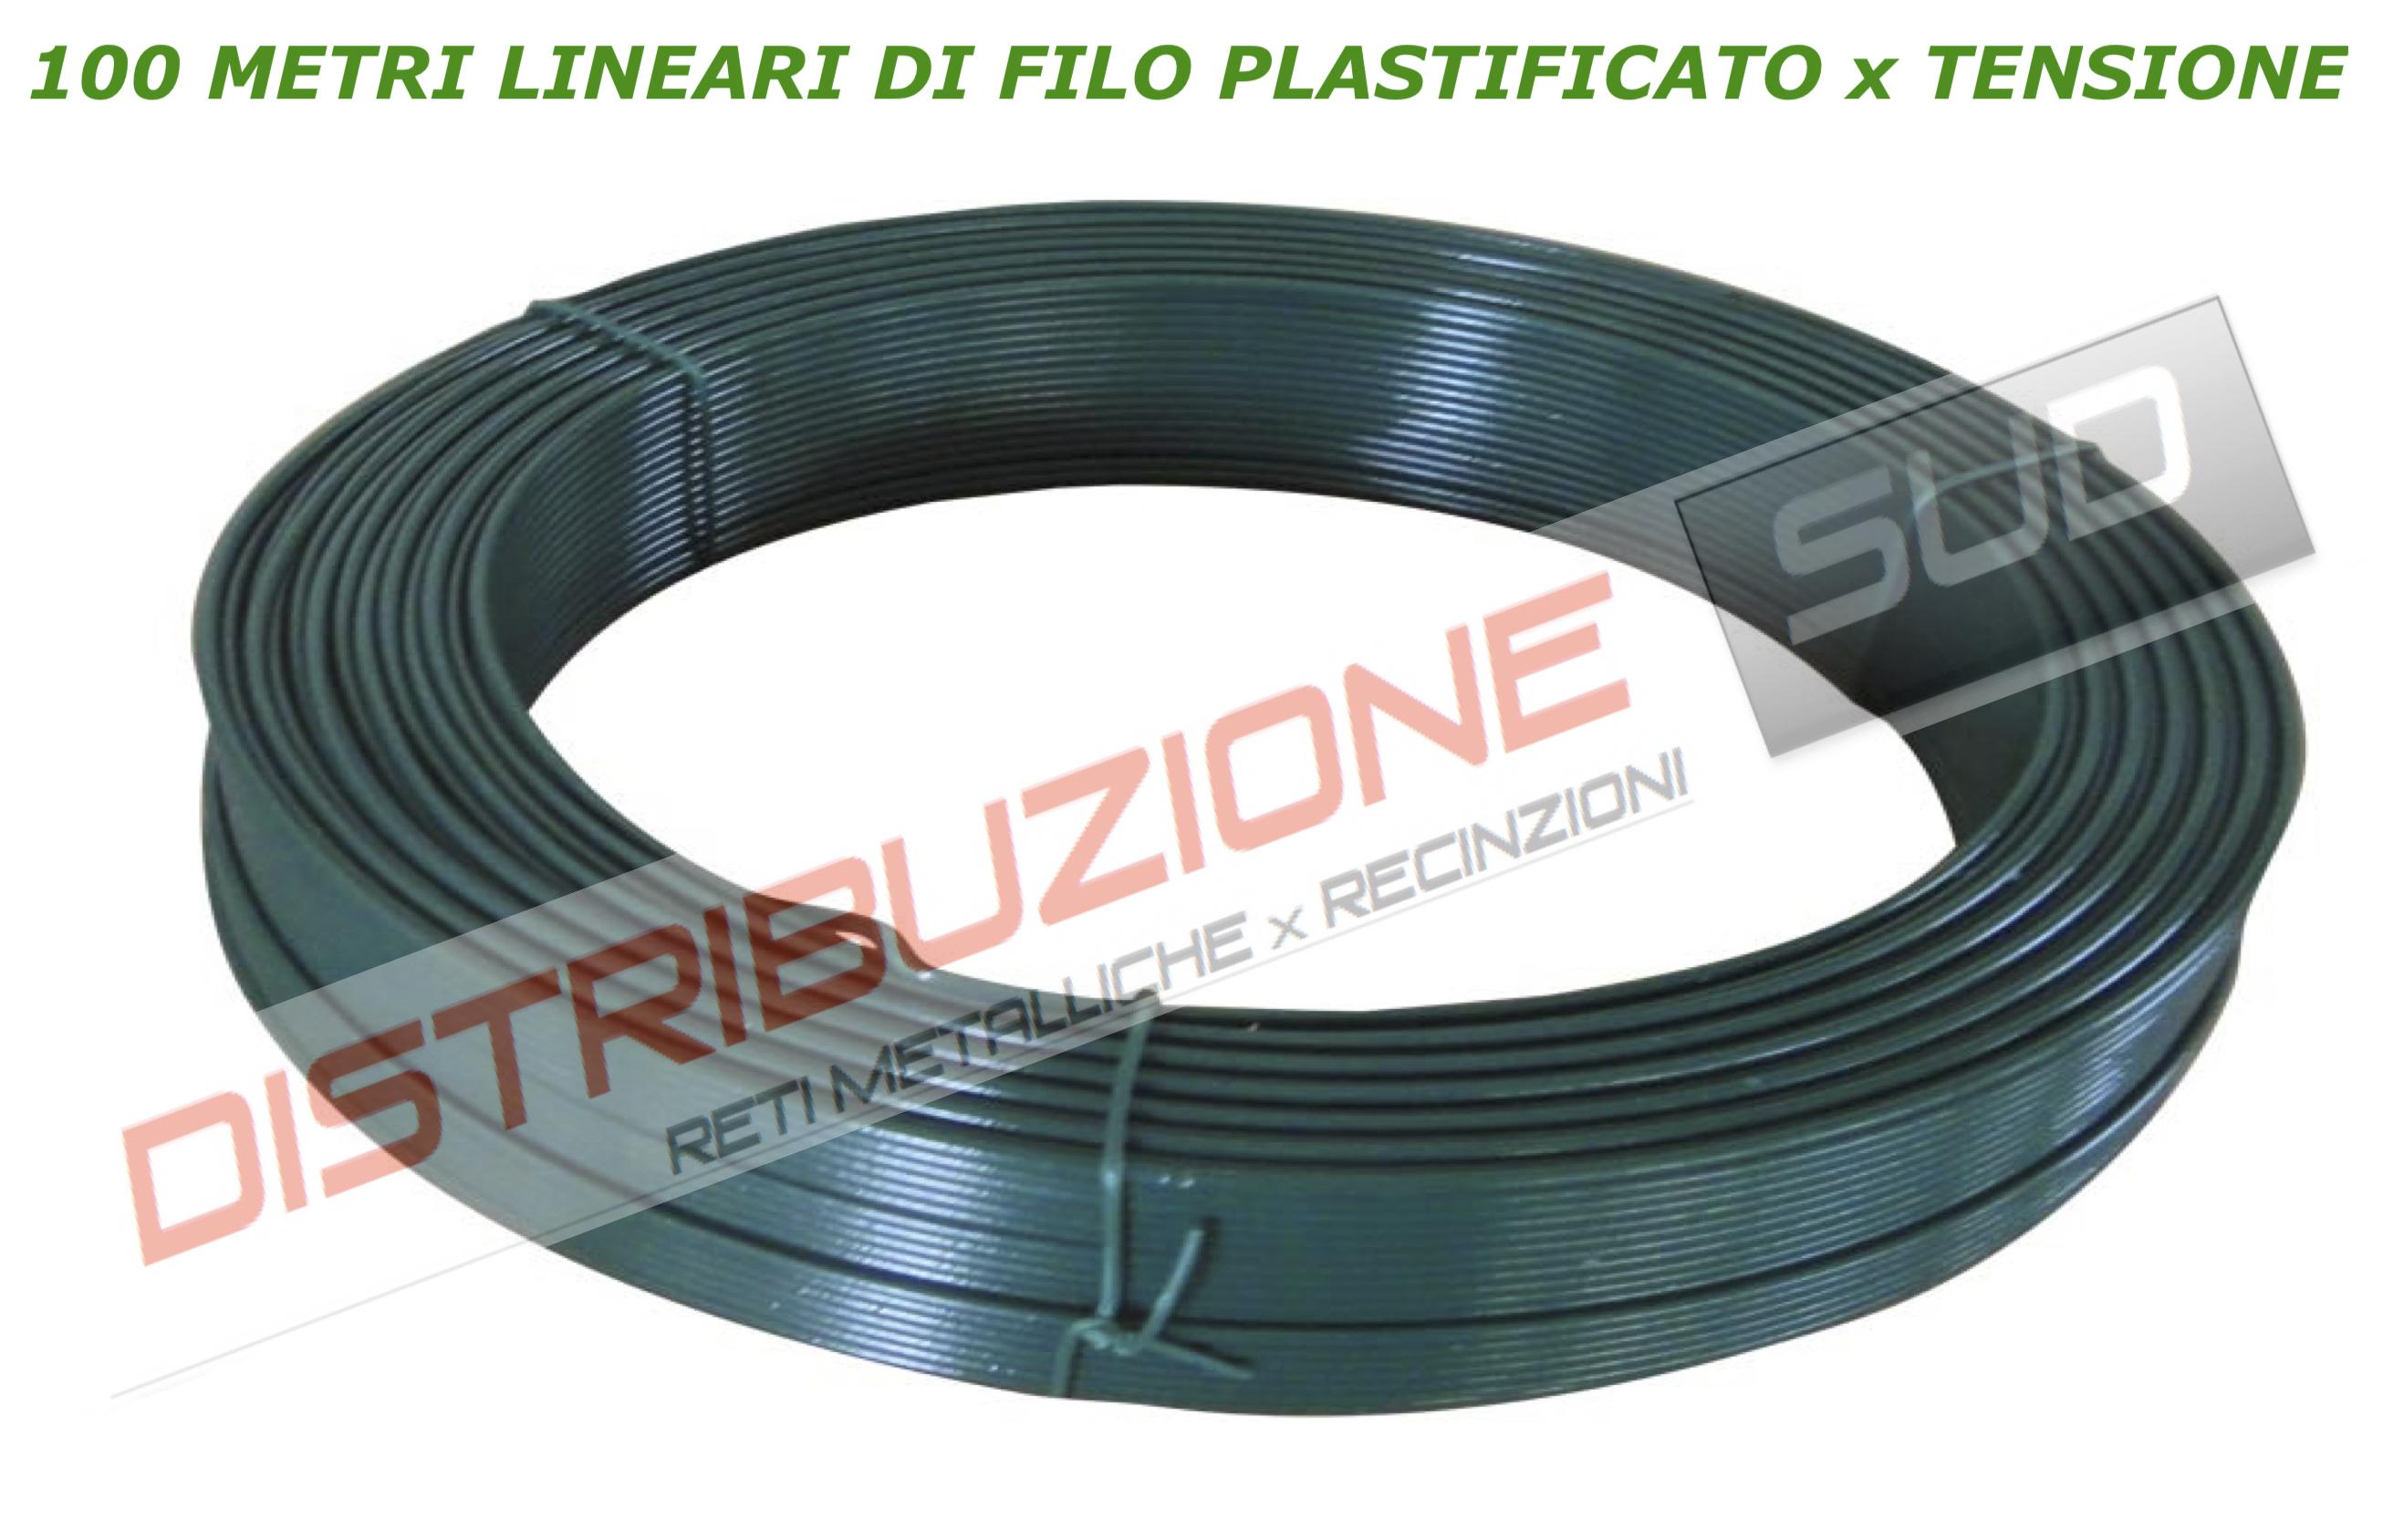 100 metri lineari plastificato x tensione